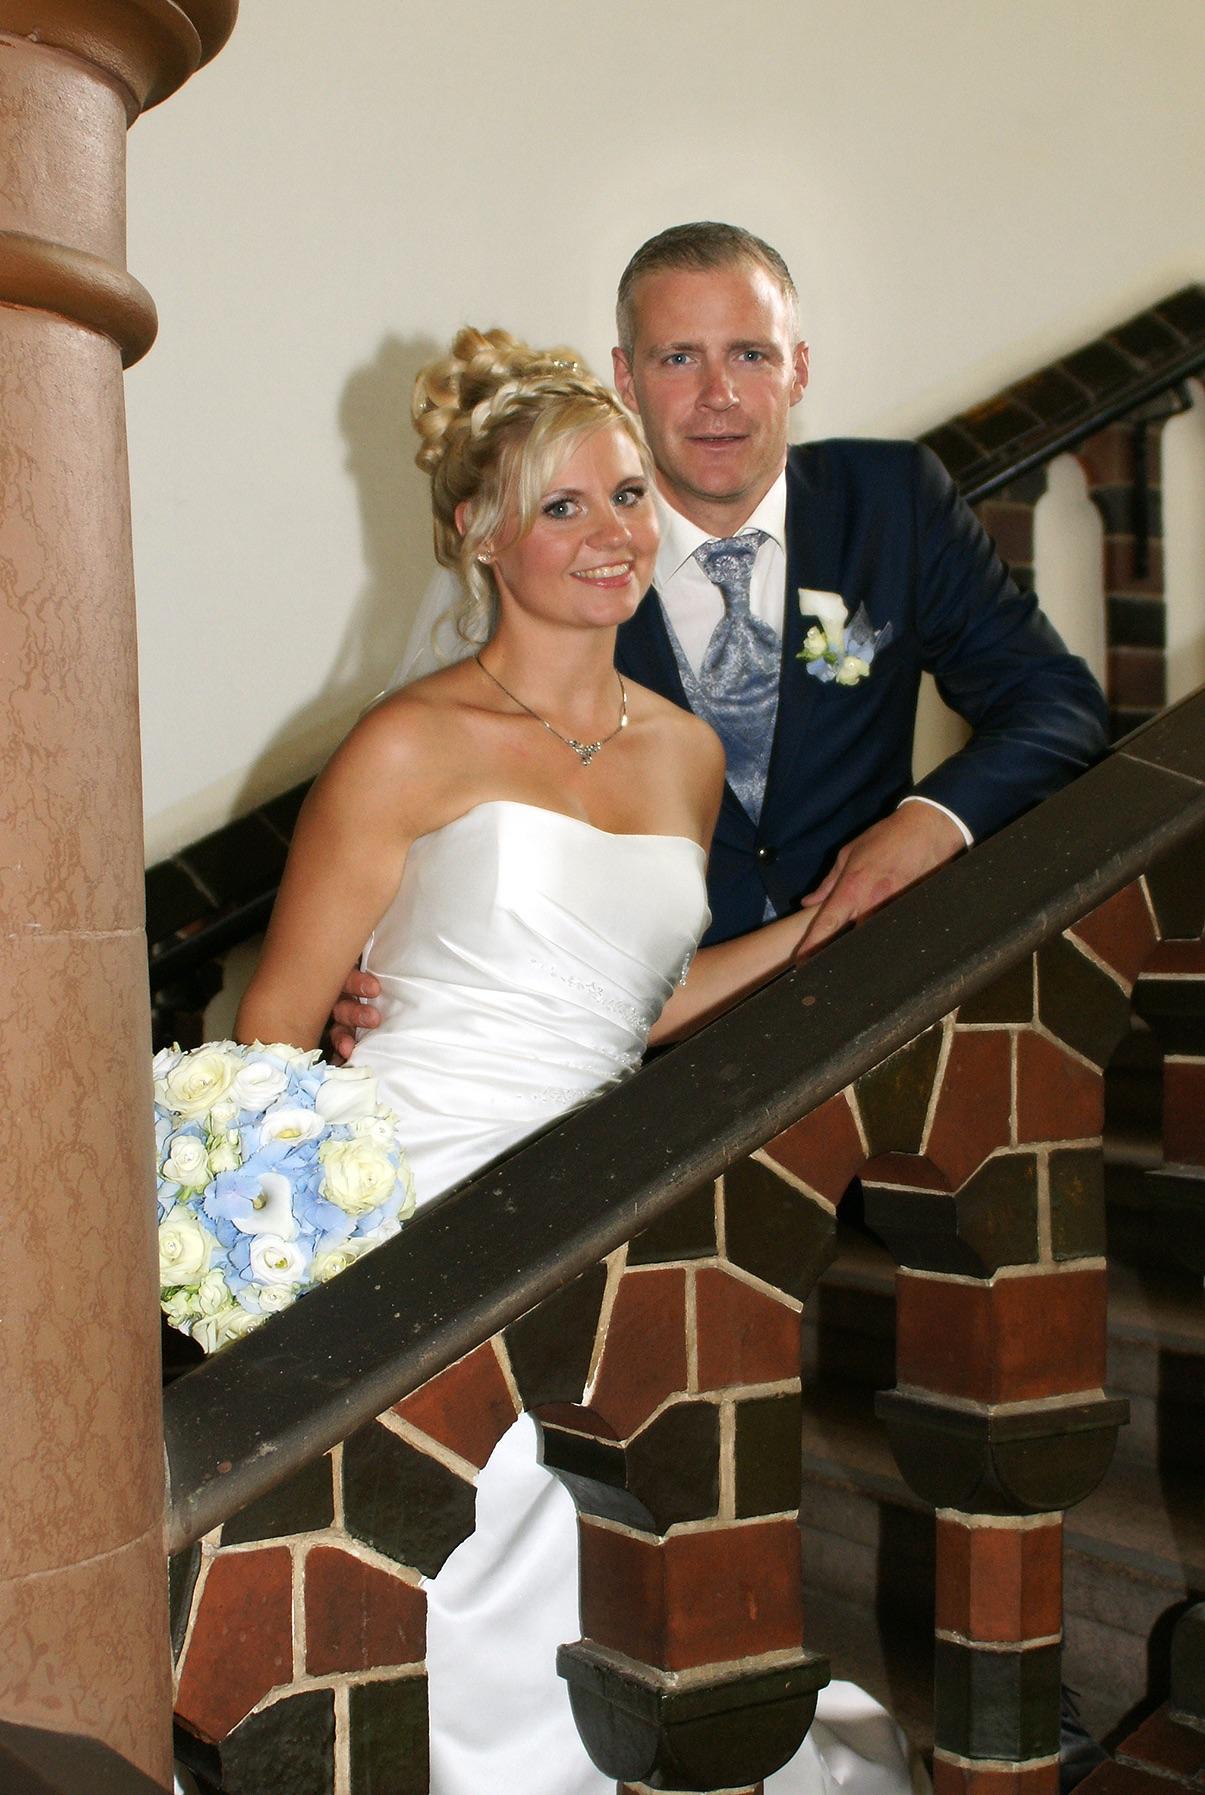 Hochzeiten Stefan Bouton Offizielle Website